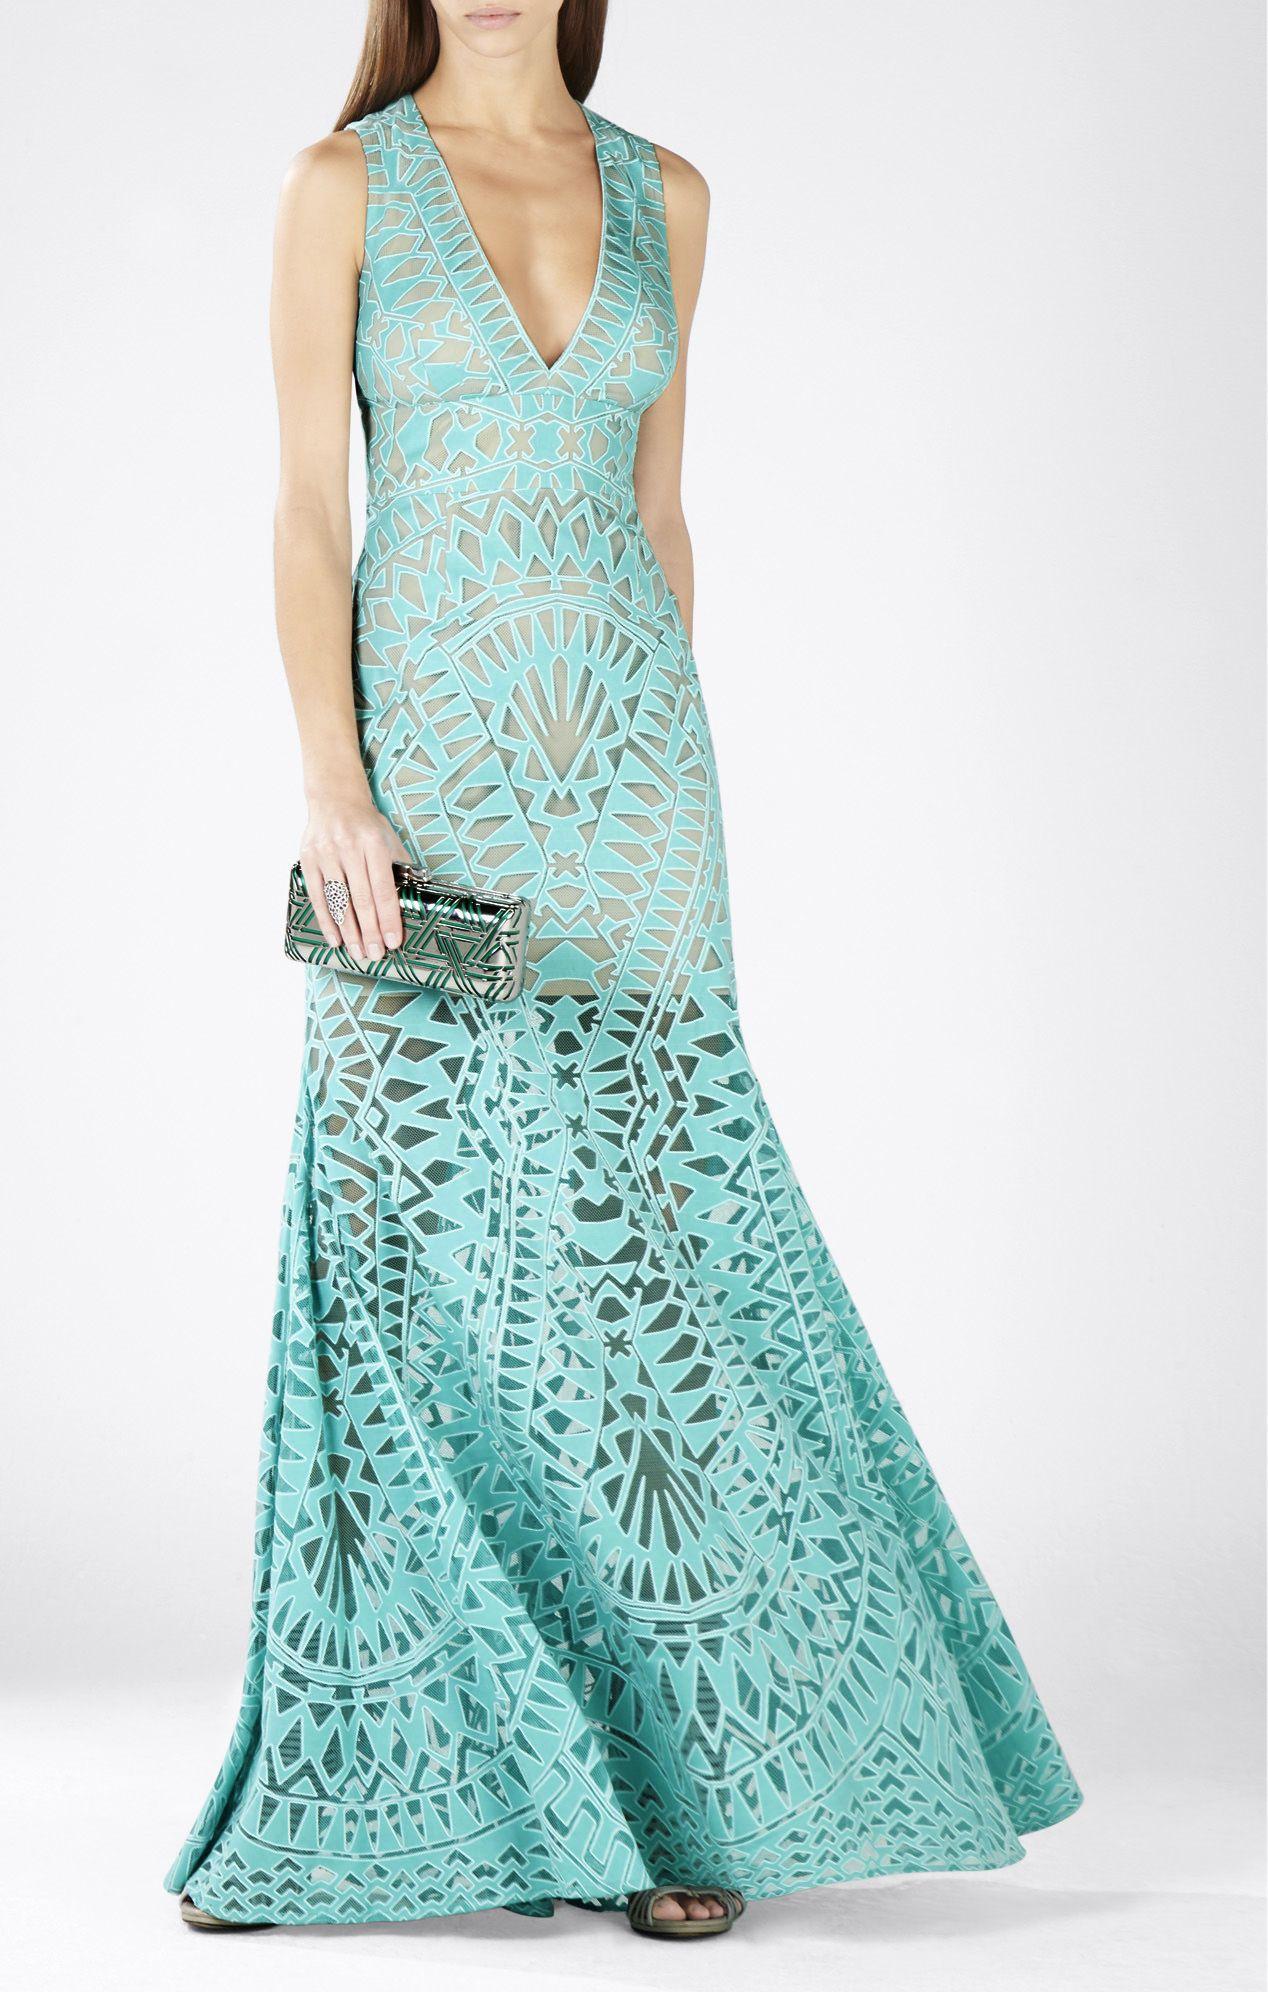 Maranda Burnout Lace Dress | BCBG | Pinterest | Lace dress and Gowns